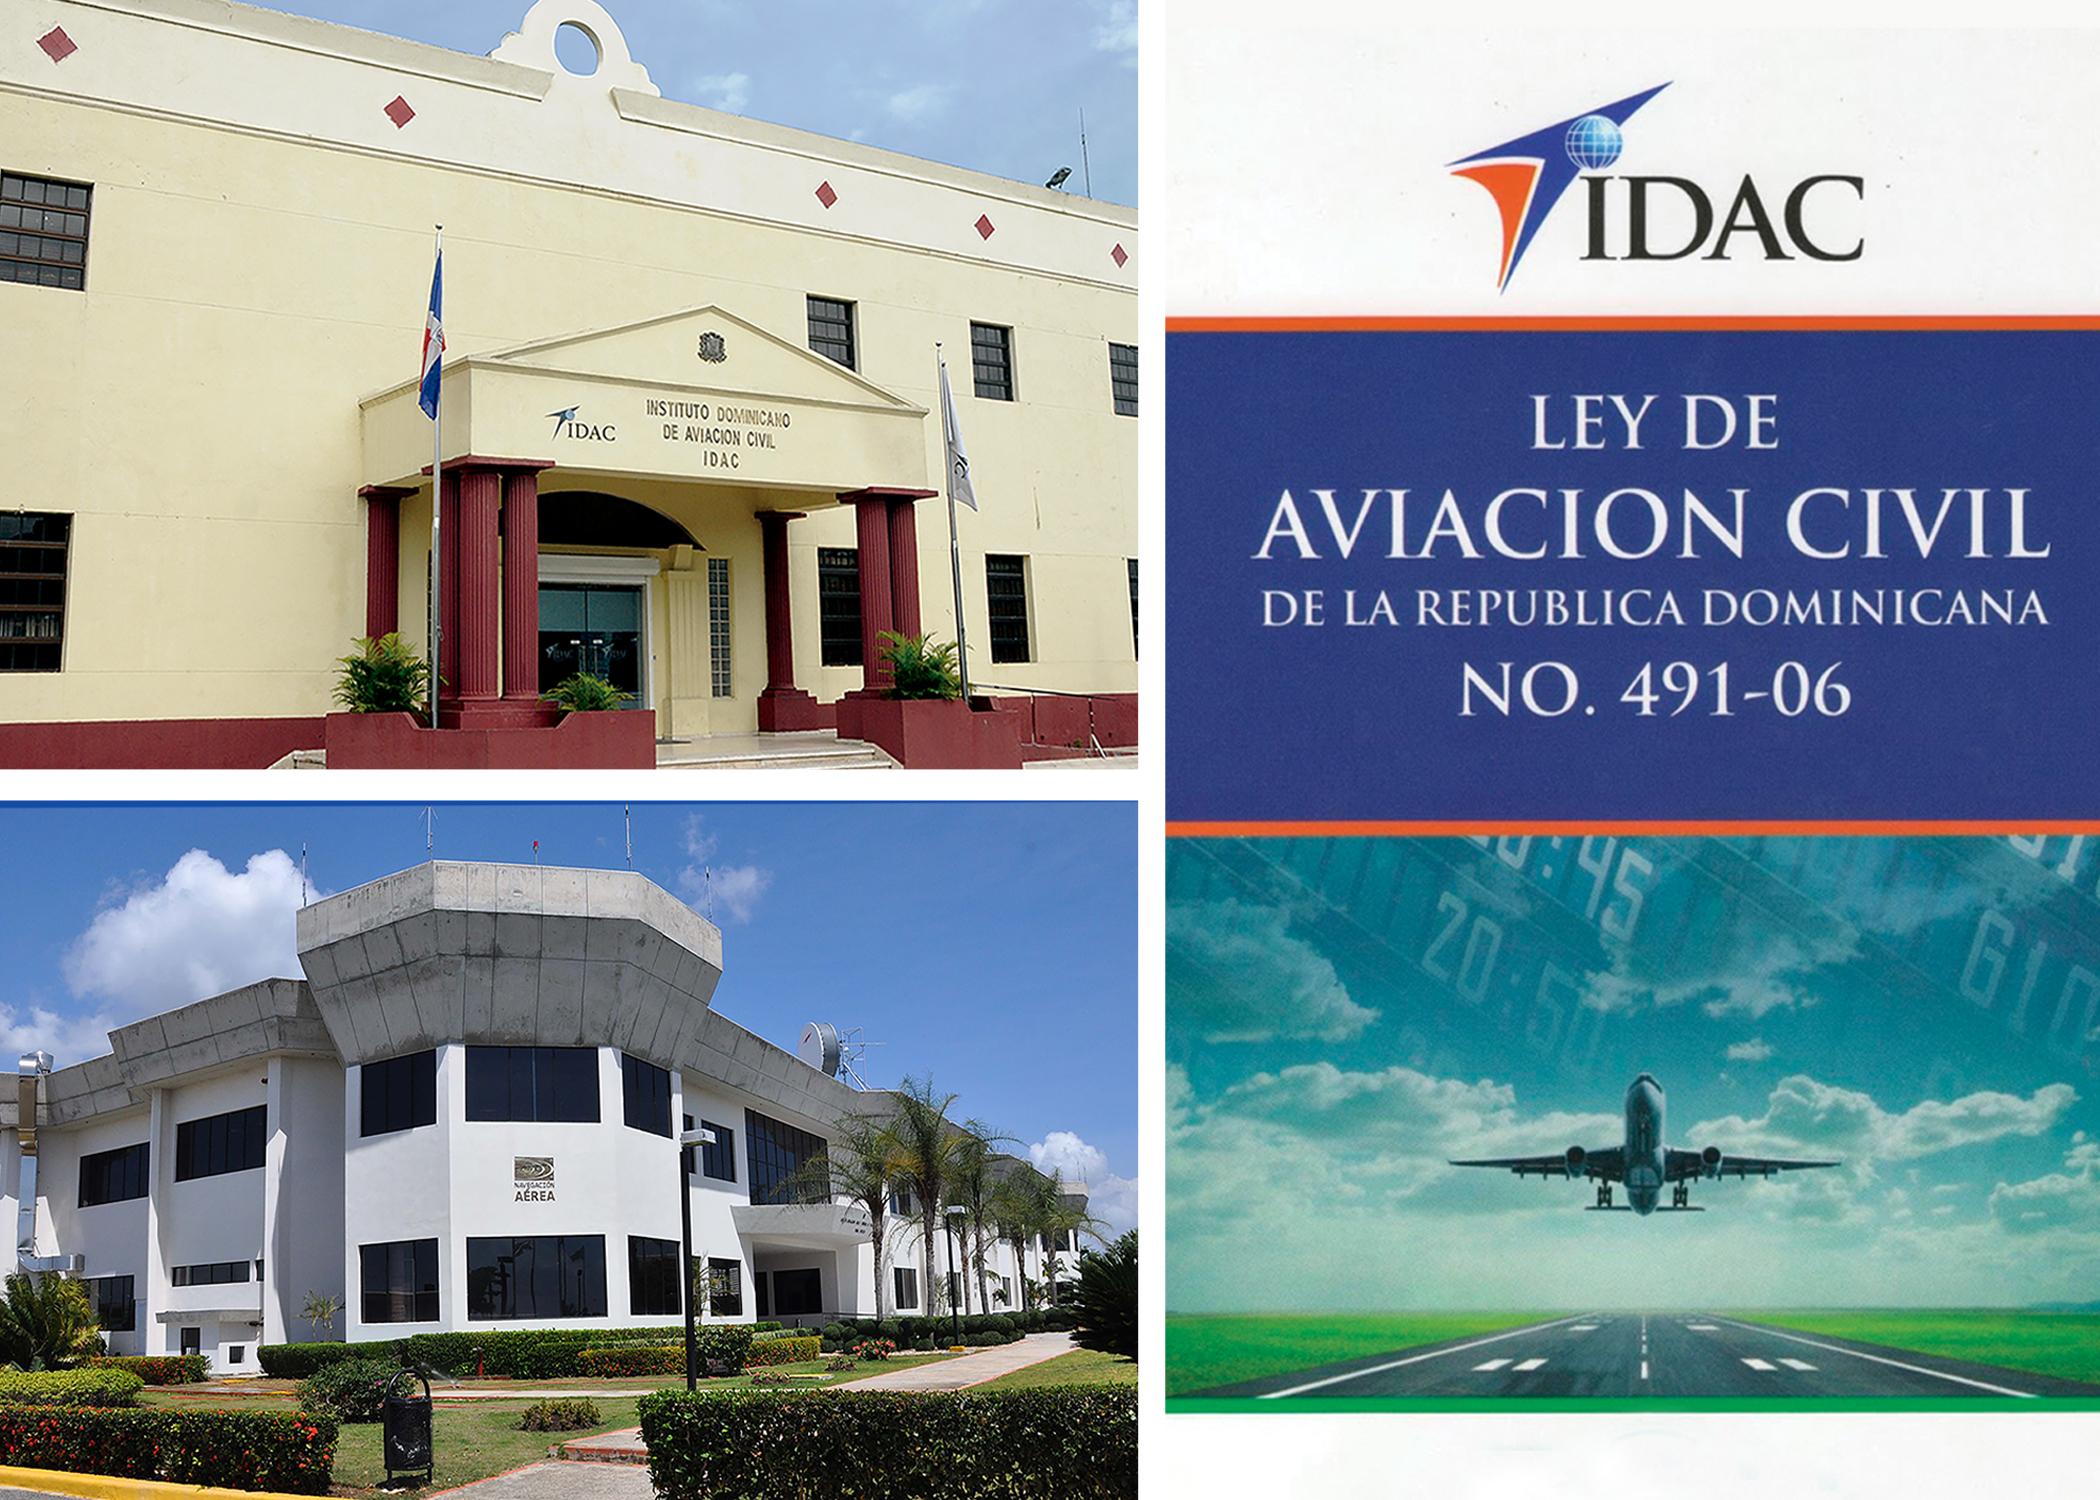 El IDAC afirma que valores éticos y profesionales han primado siempre en su desempeño institucional